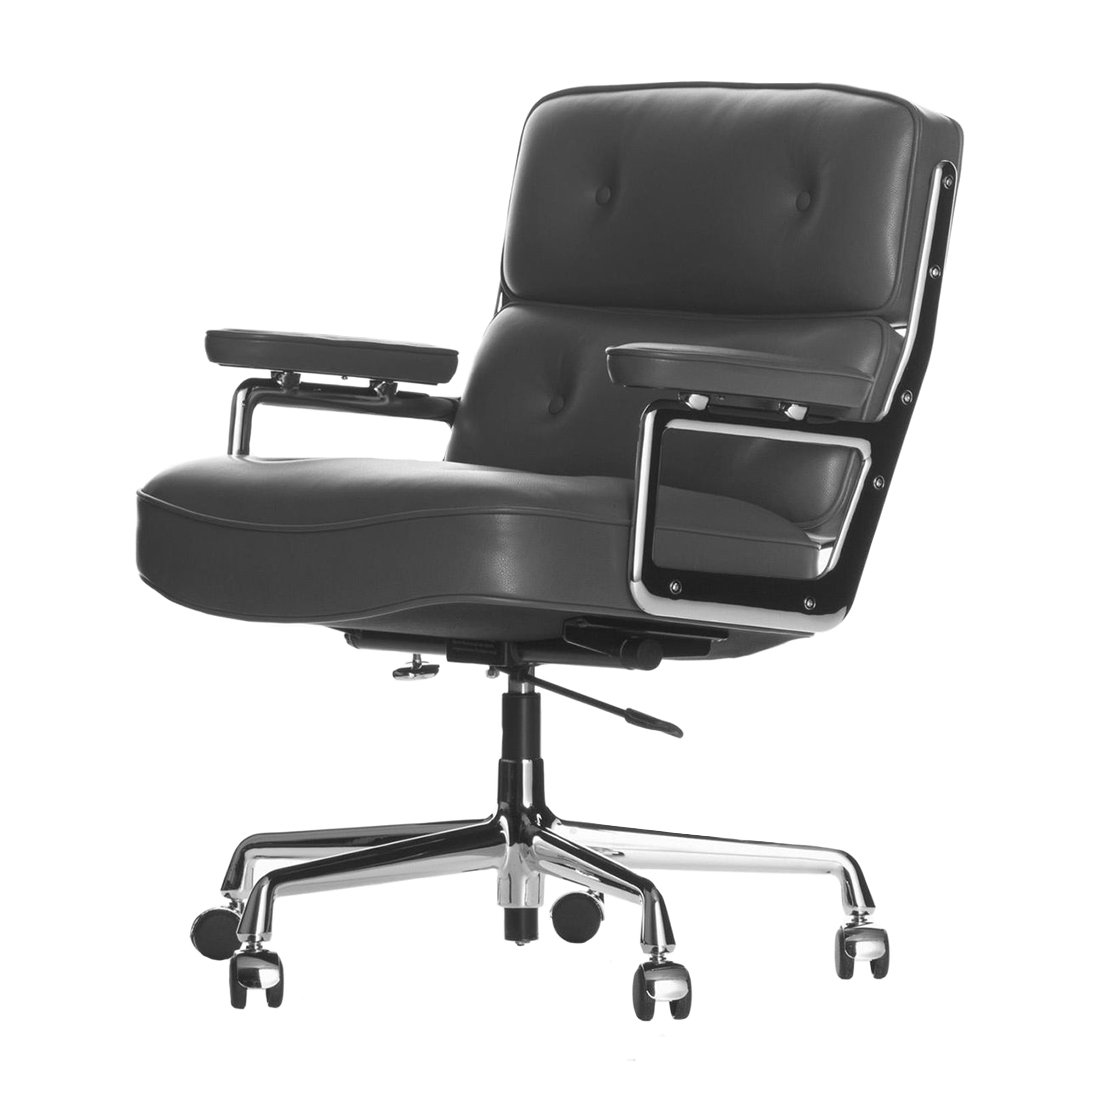 Vitra Lobby Chair ES 104 Bureaustoel Asfalt